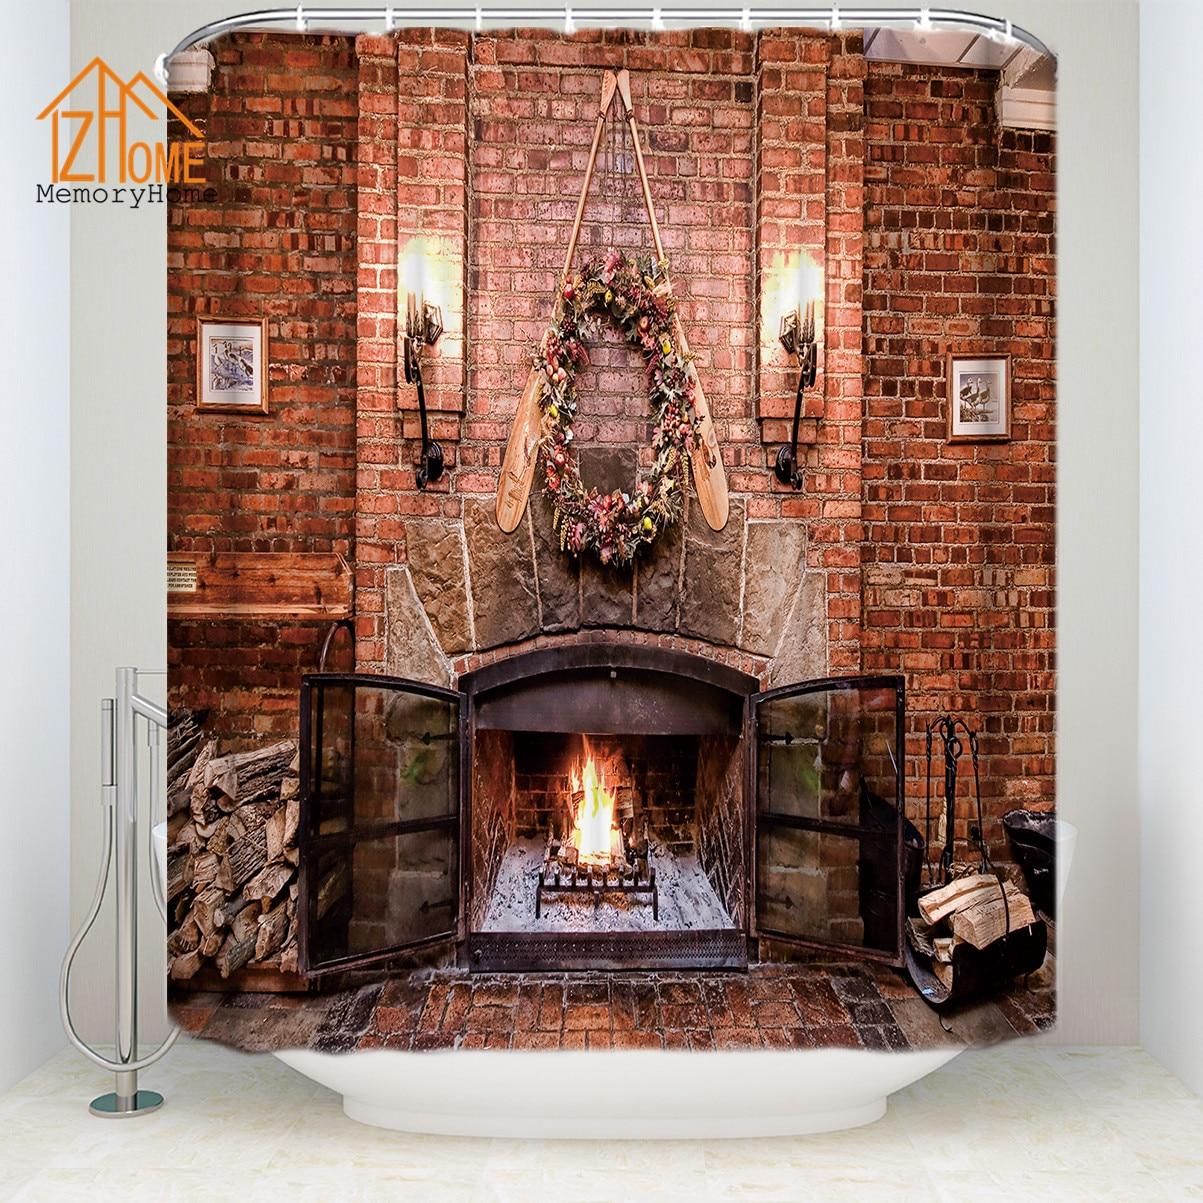 memoire maison nouvelle cheminee europeenne impermeable polyester tissu 3d rideau de douche ecologique avec des anneaux pour la decoration interieure